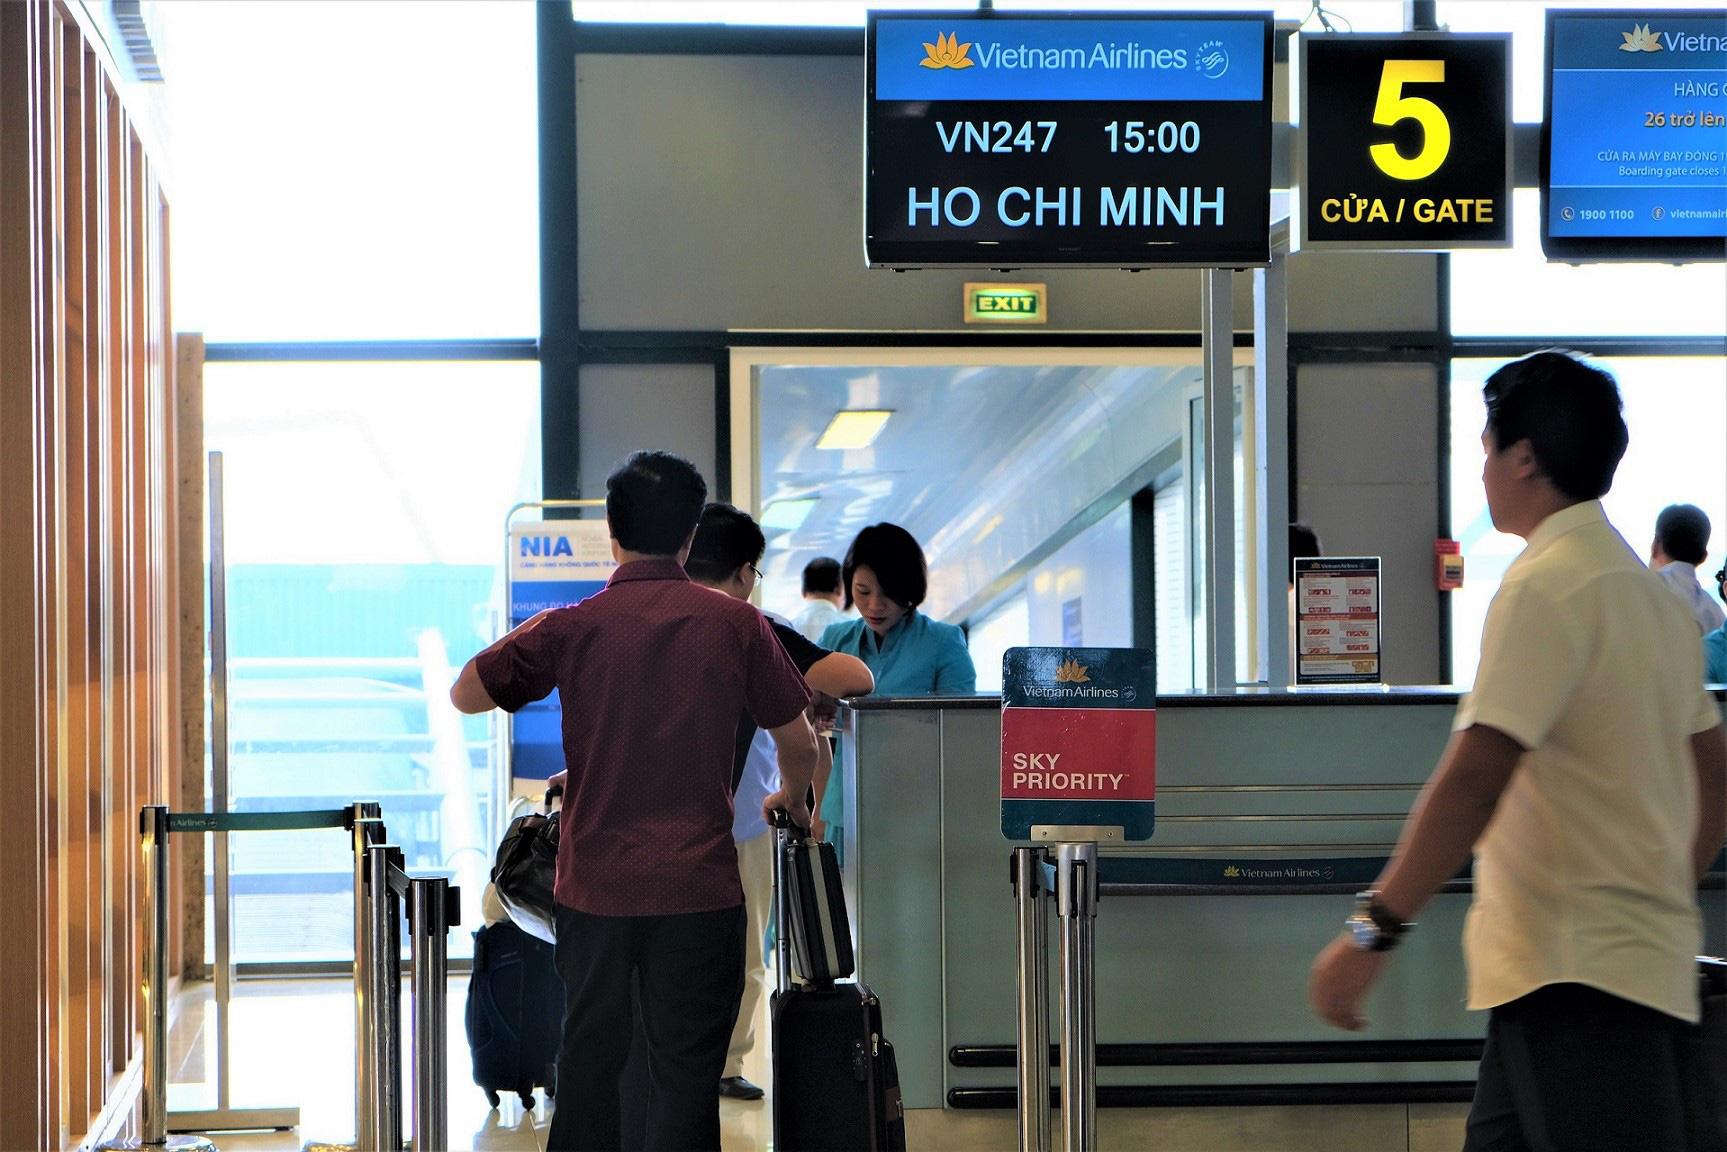 Đến sân bay hành khách cần làm gì để không bị lỡ các chuyến bay?  - Ảnh 2.